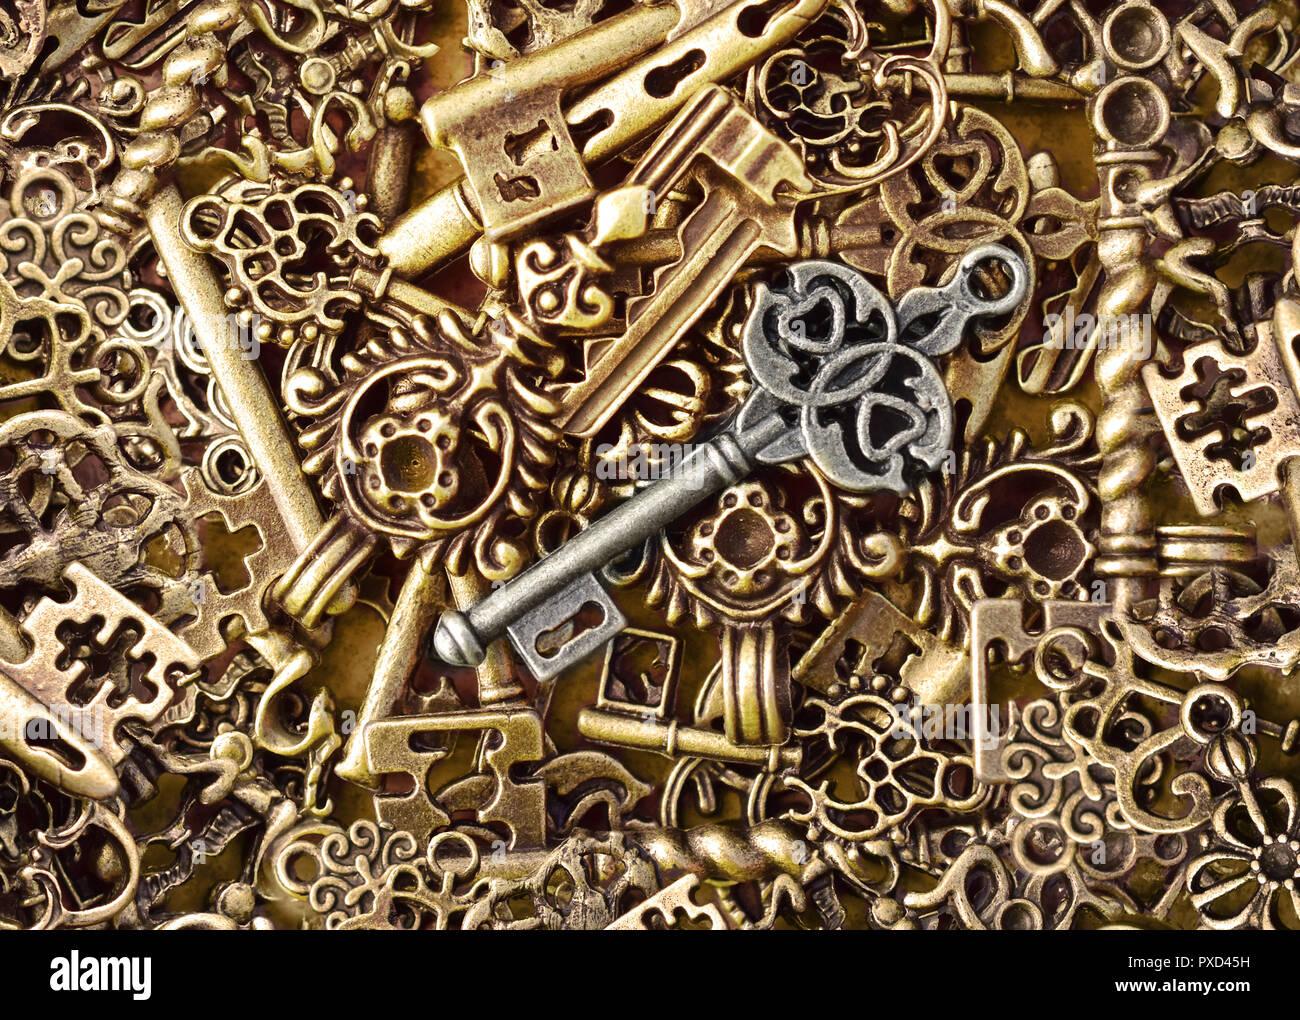 Serratura a chiave mazzetto portachiavi sblocco serrature senso Immagini Stock